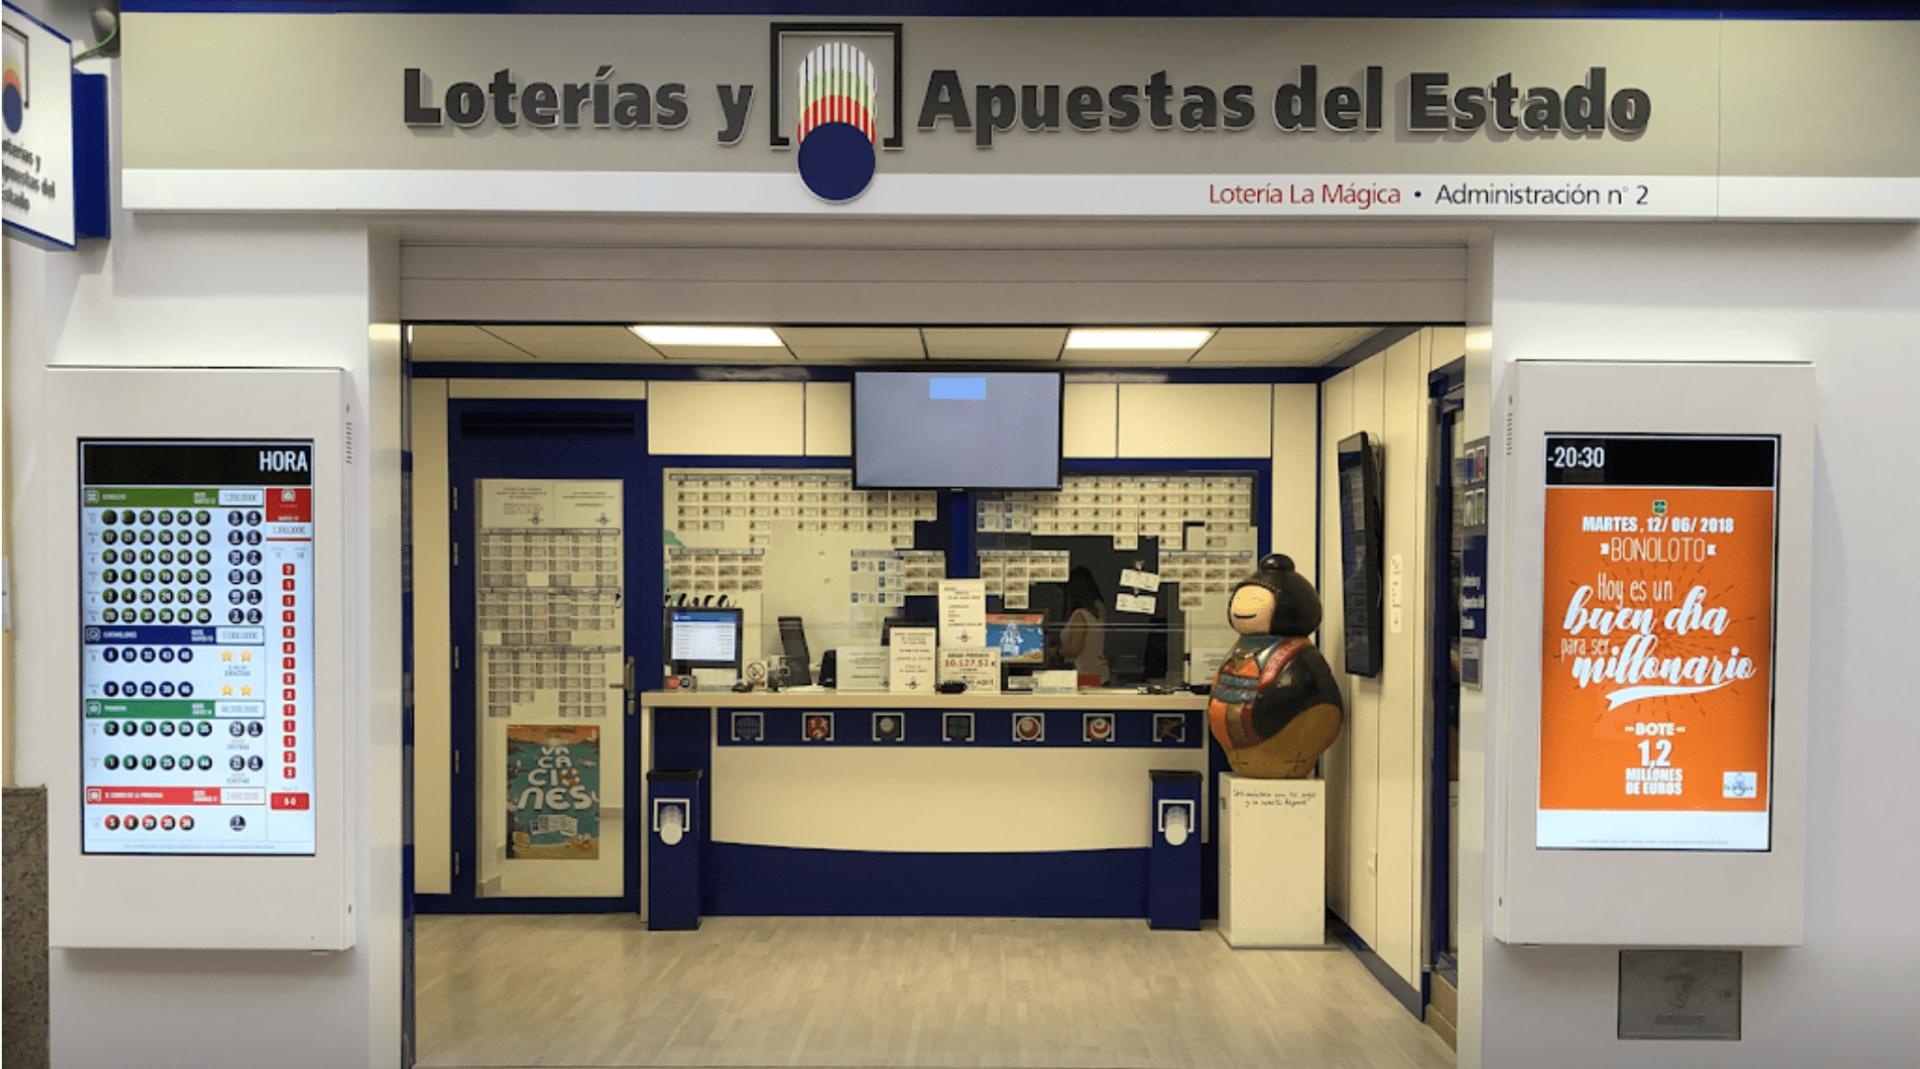 Administración de Loterías número nº 2 de Mislata, situada en la calle Poeta Miguel Hernández, 9